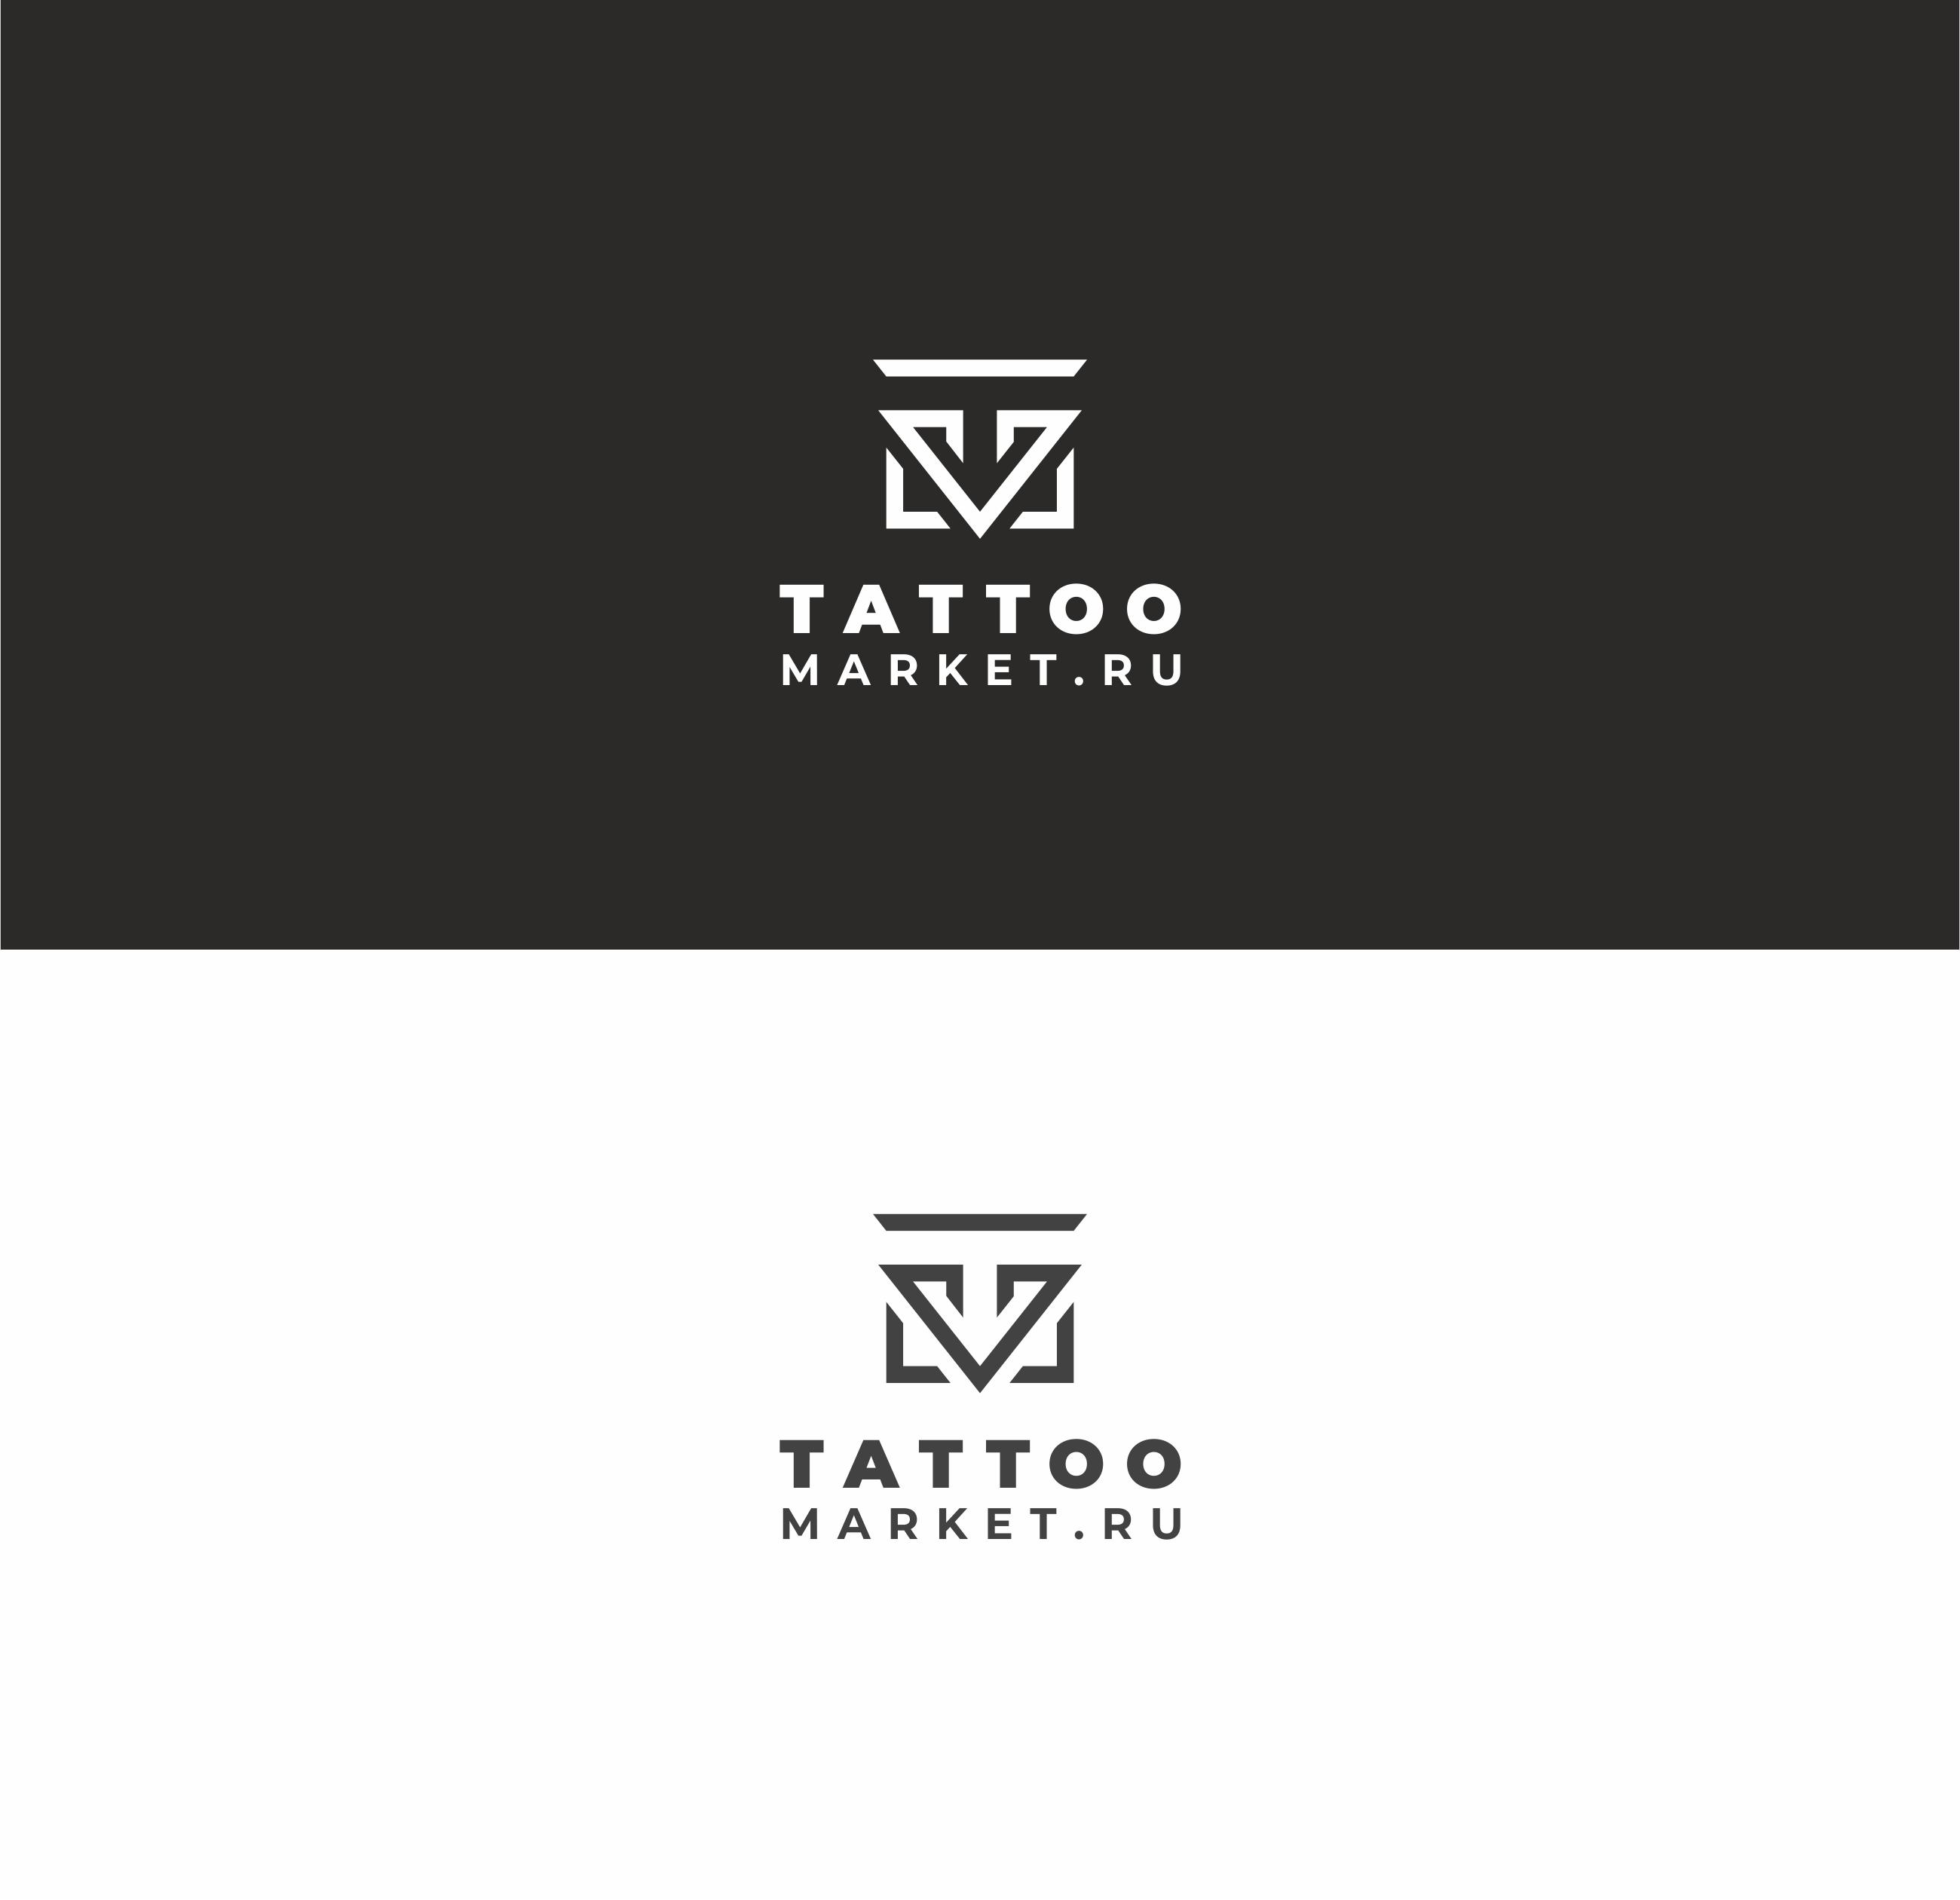 Редизайн логотипа магазина тату оборудования TattooMarket.ru фото f_1485c3d9bda110db.jpg